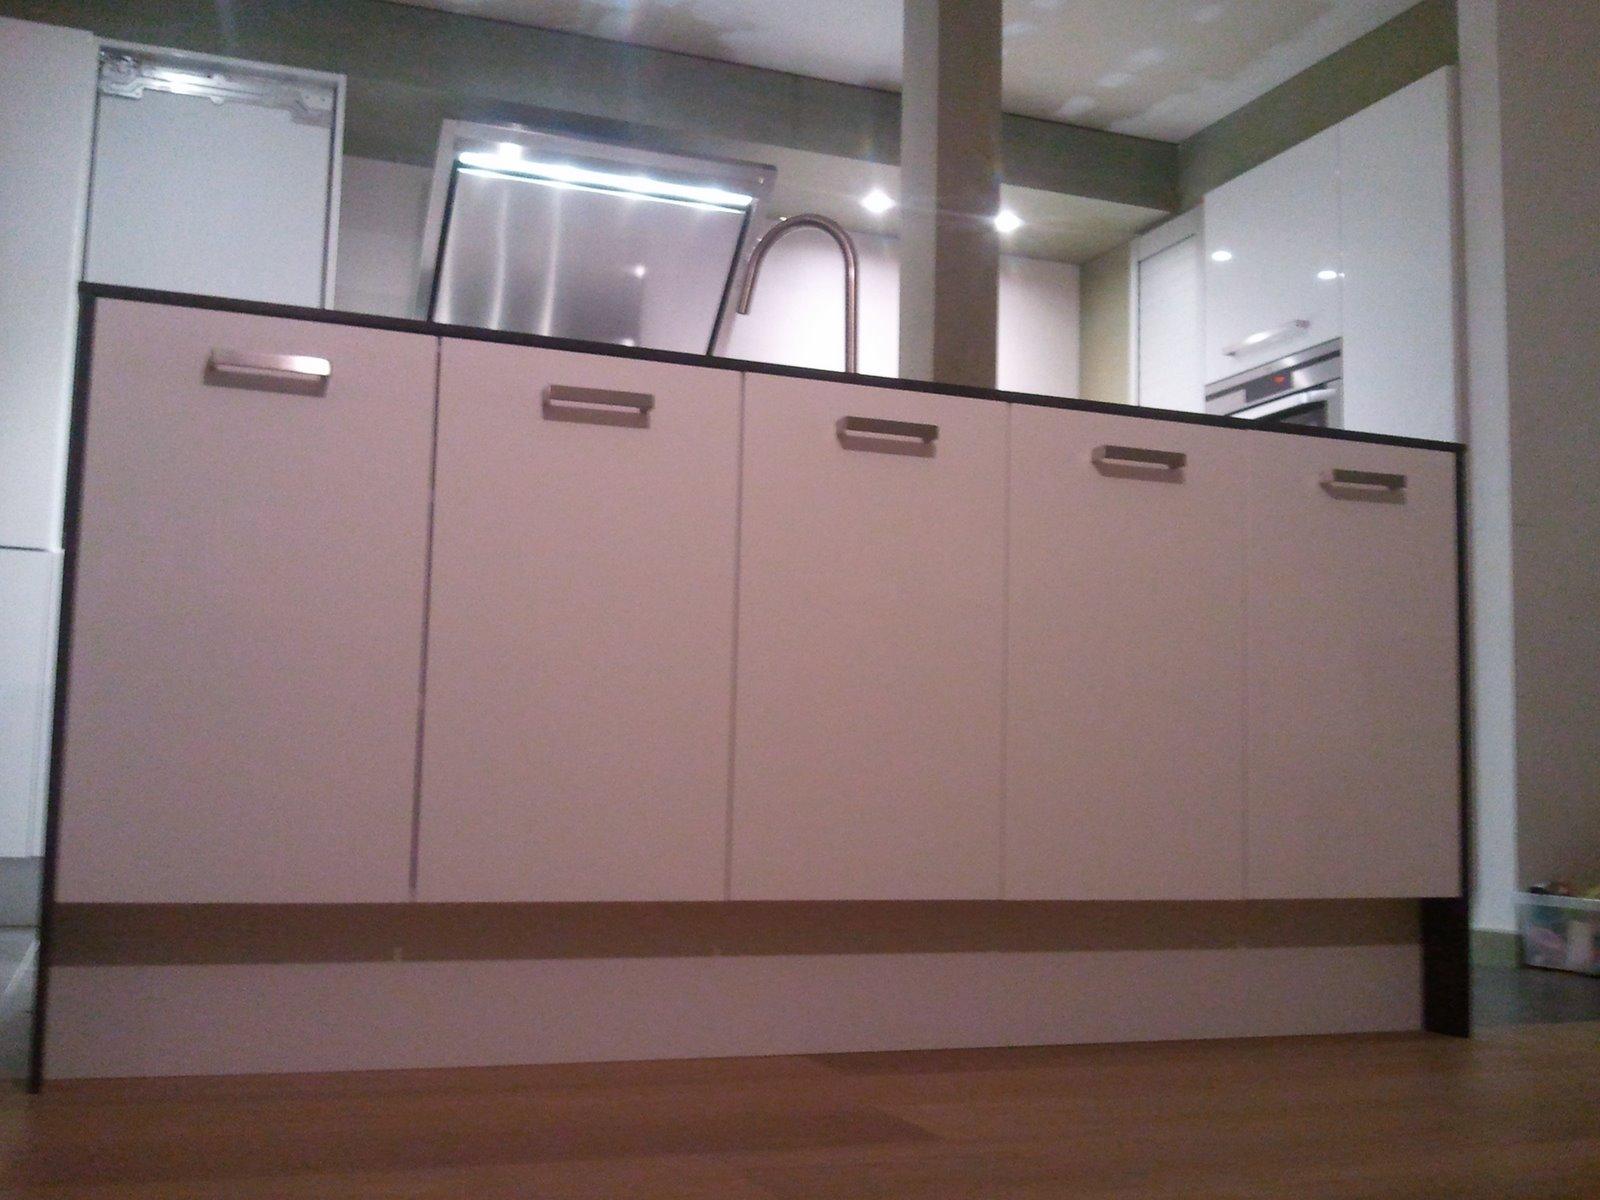 Ons Huisje: Keukeneiland op sokkel